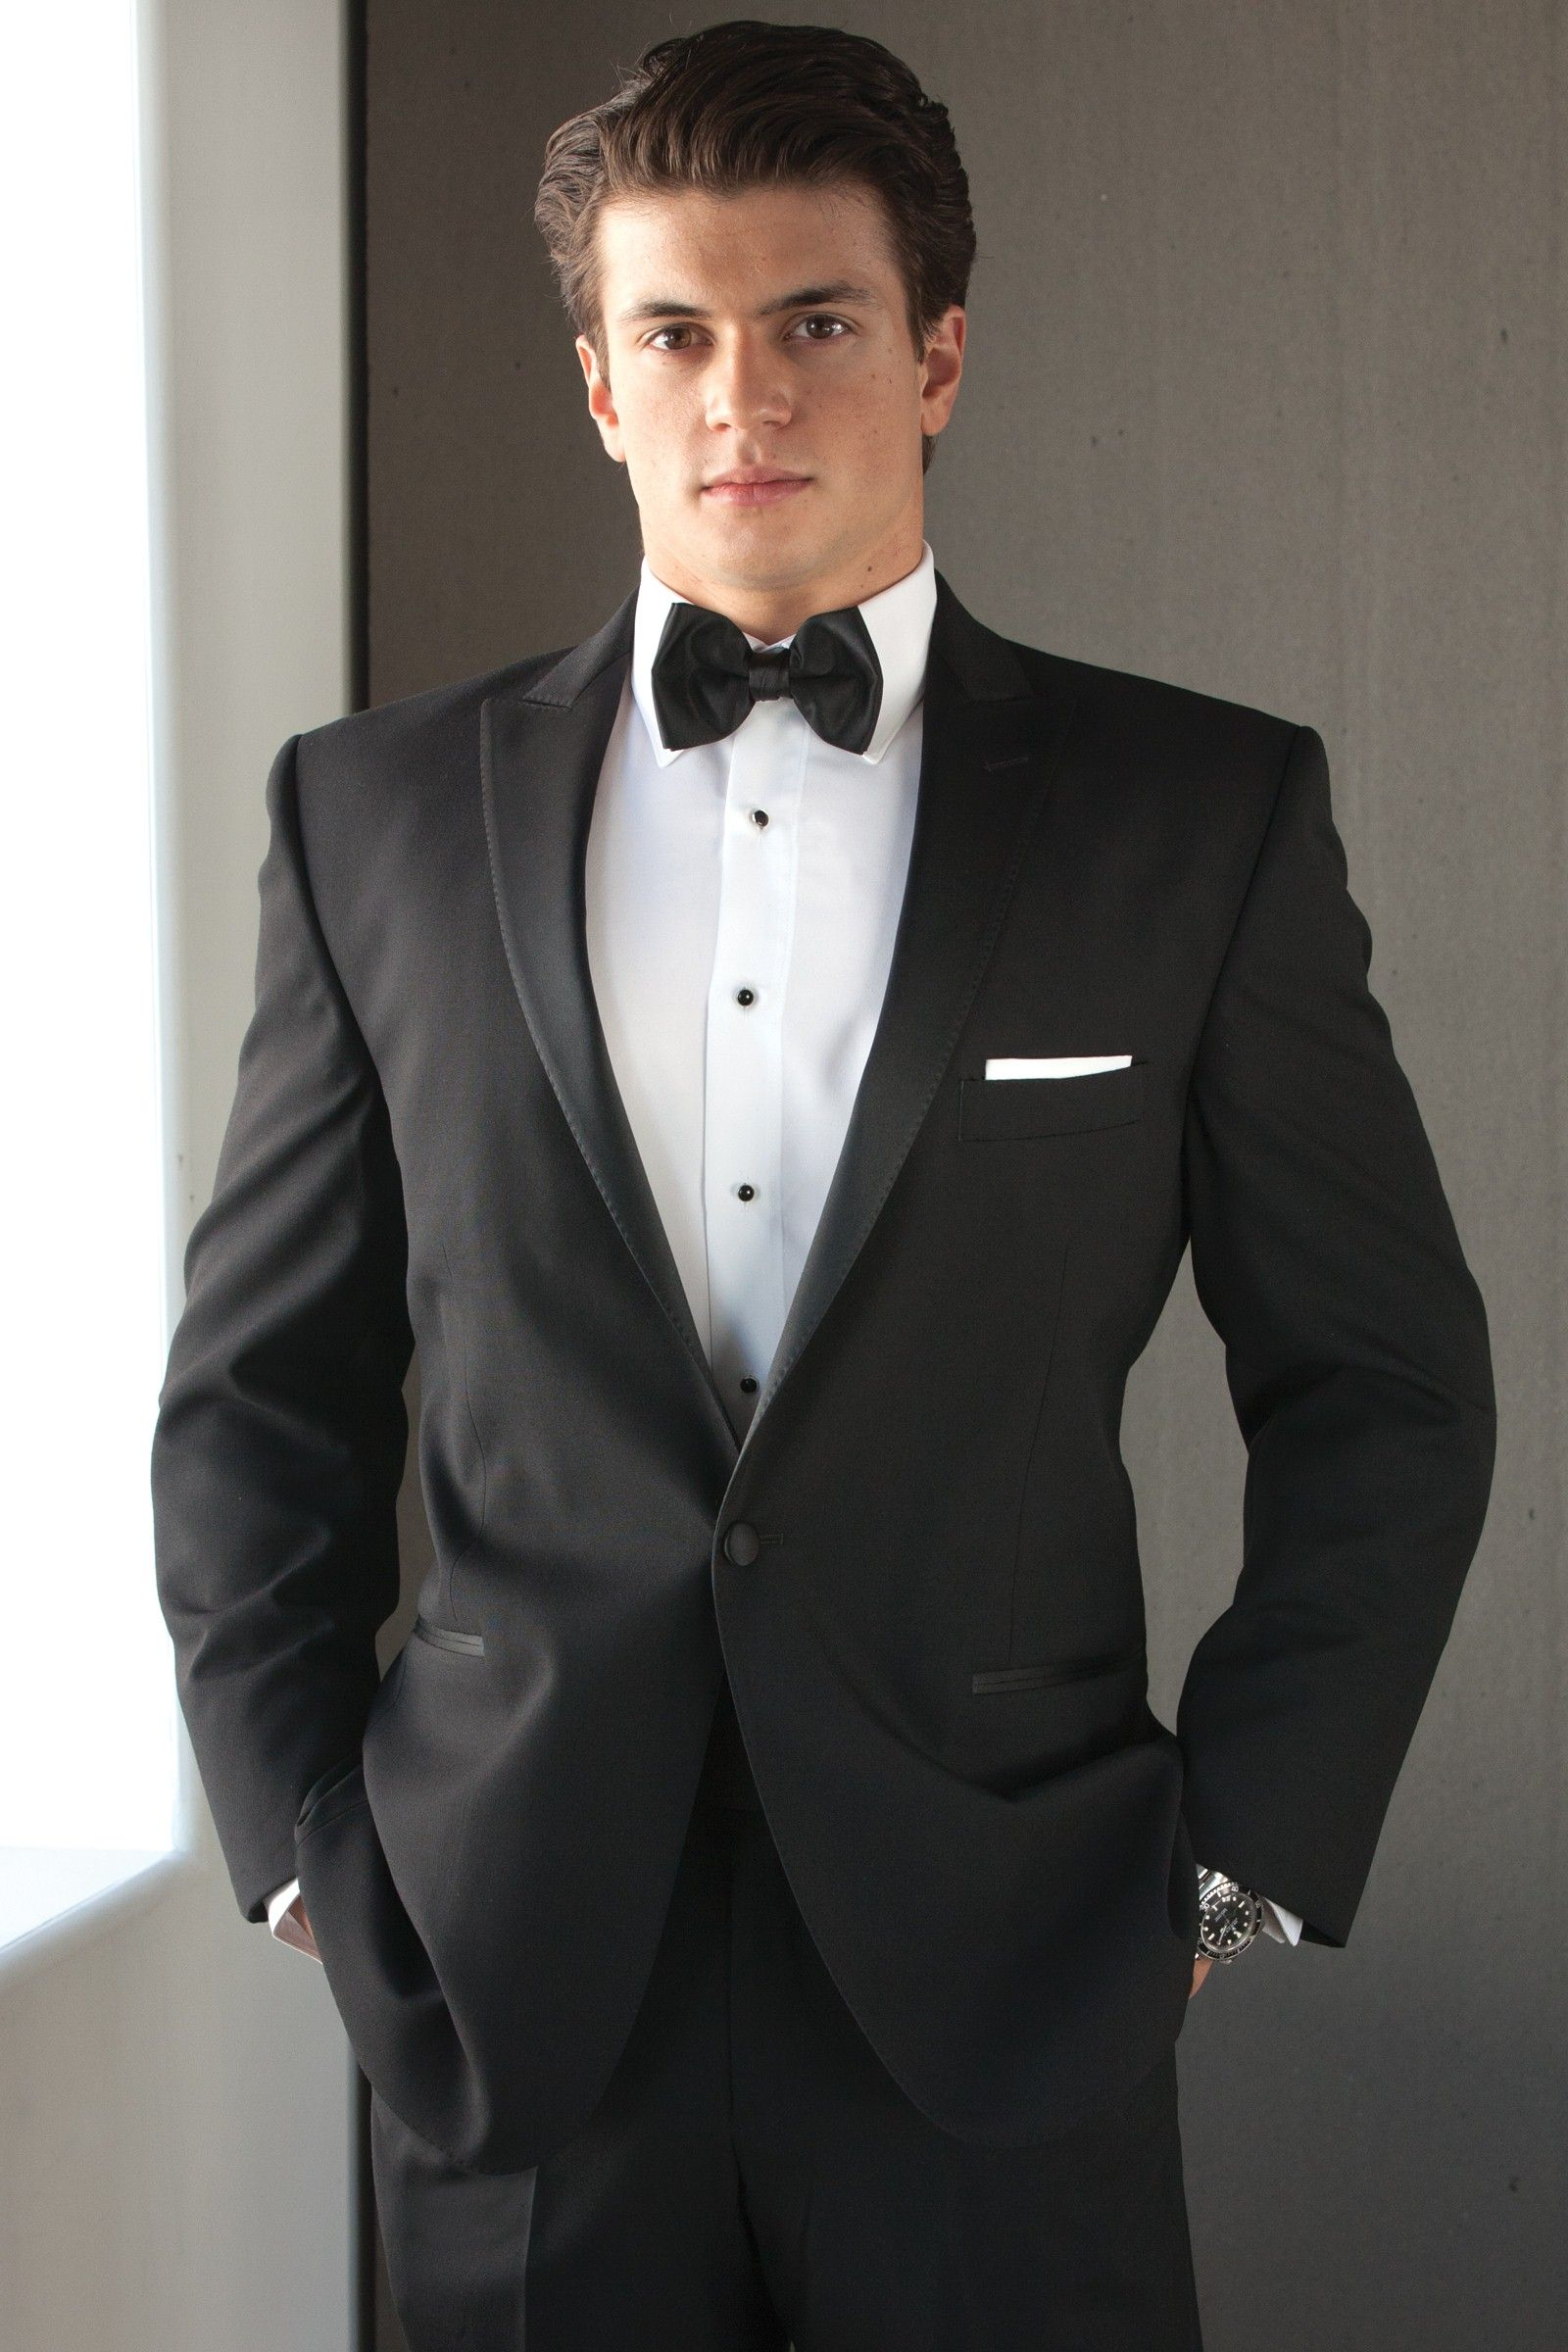 Imagini pentru mens wearhouse tuxedo rental Tuxedo for